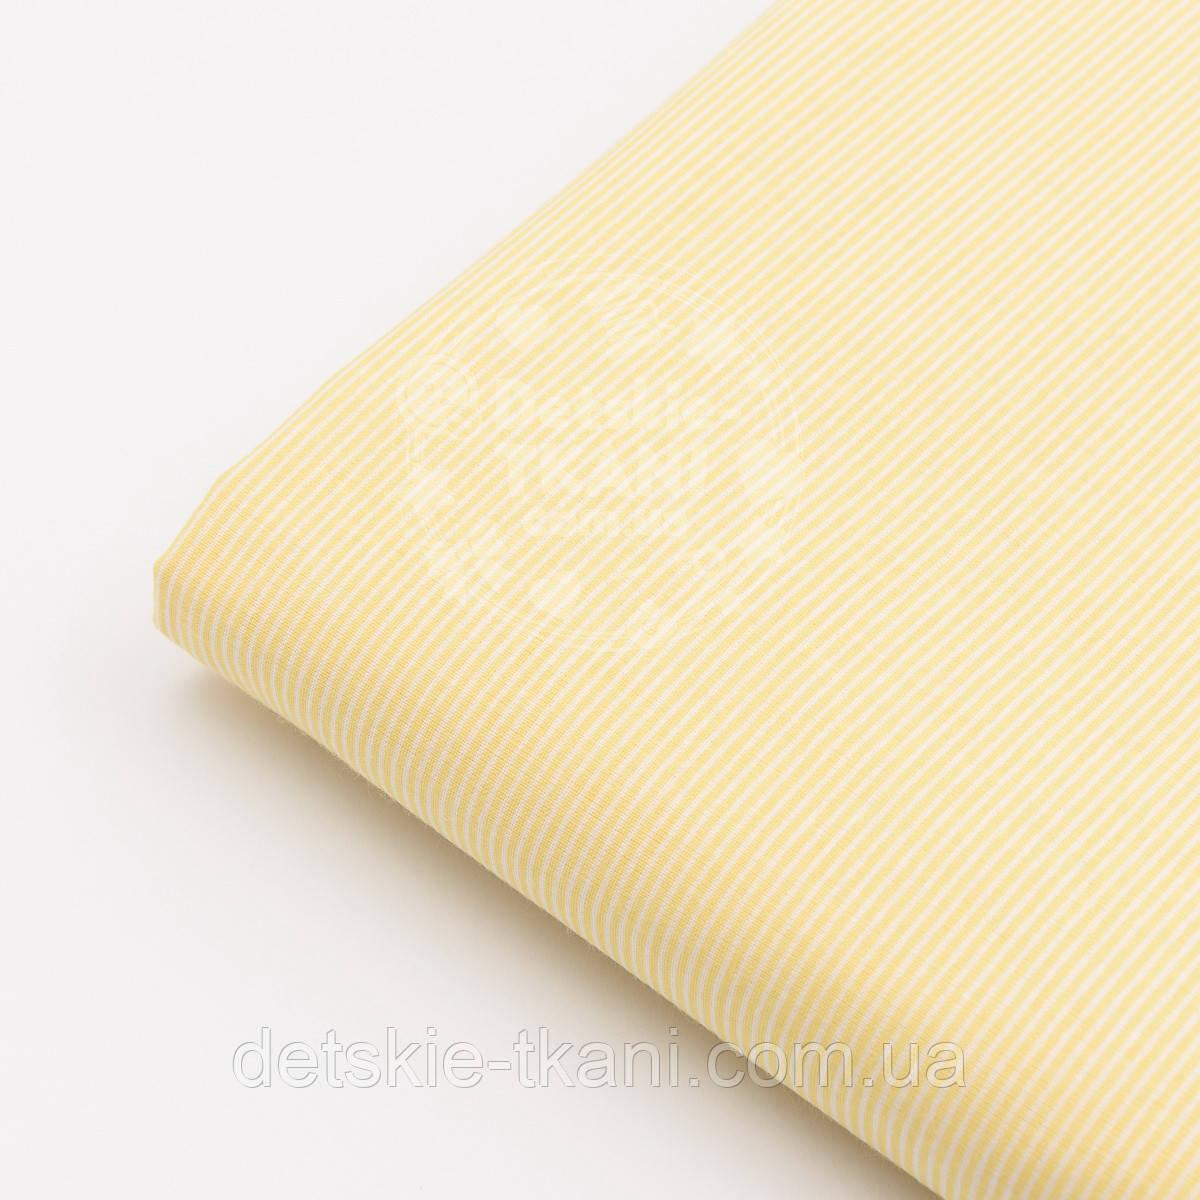 """Лоскут ткани №307а с тонкой полосочкой """"Макароны"""" жёлтого цвета, размер 48*80 см"""